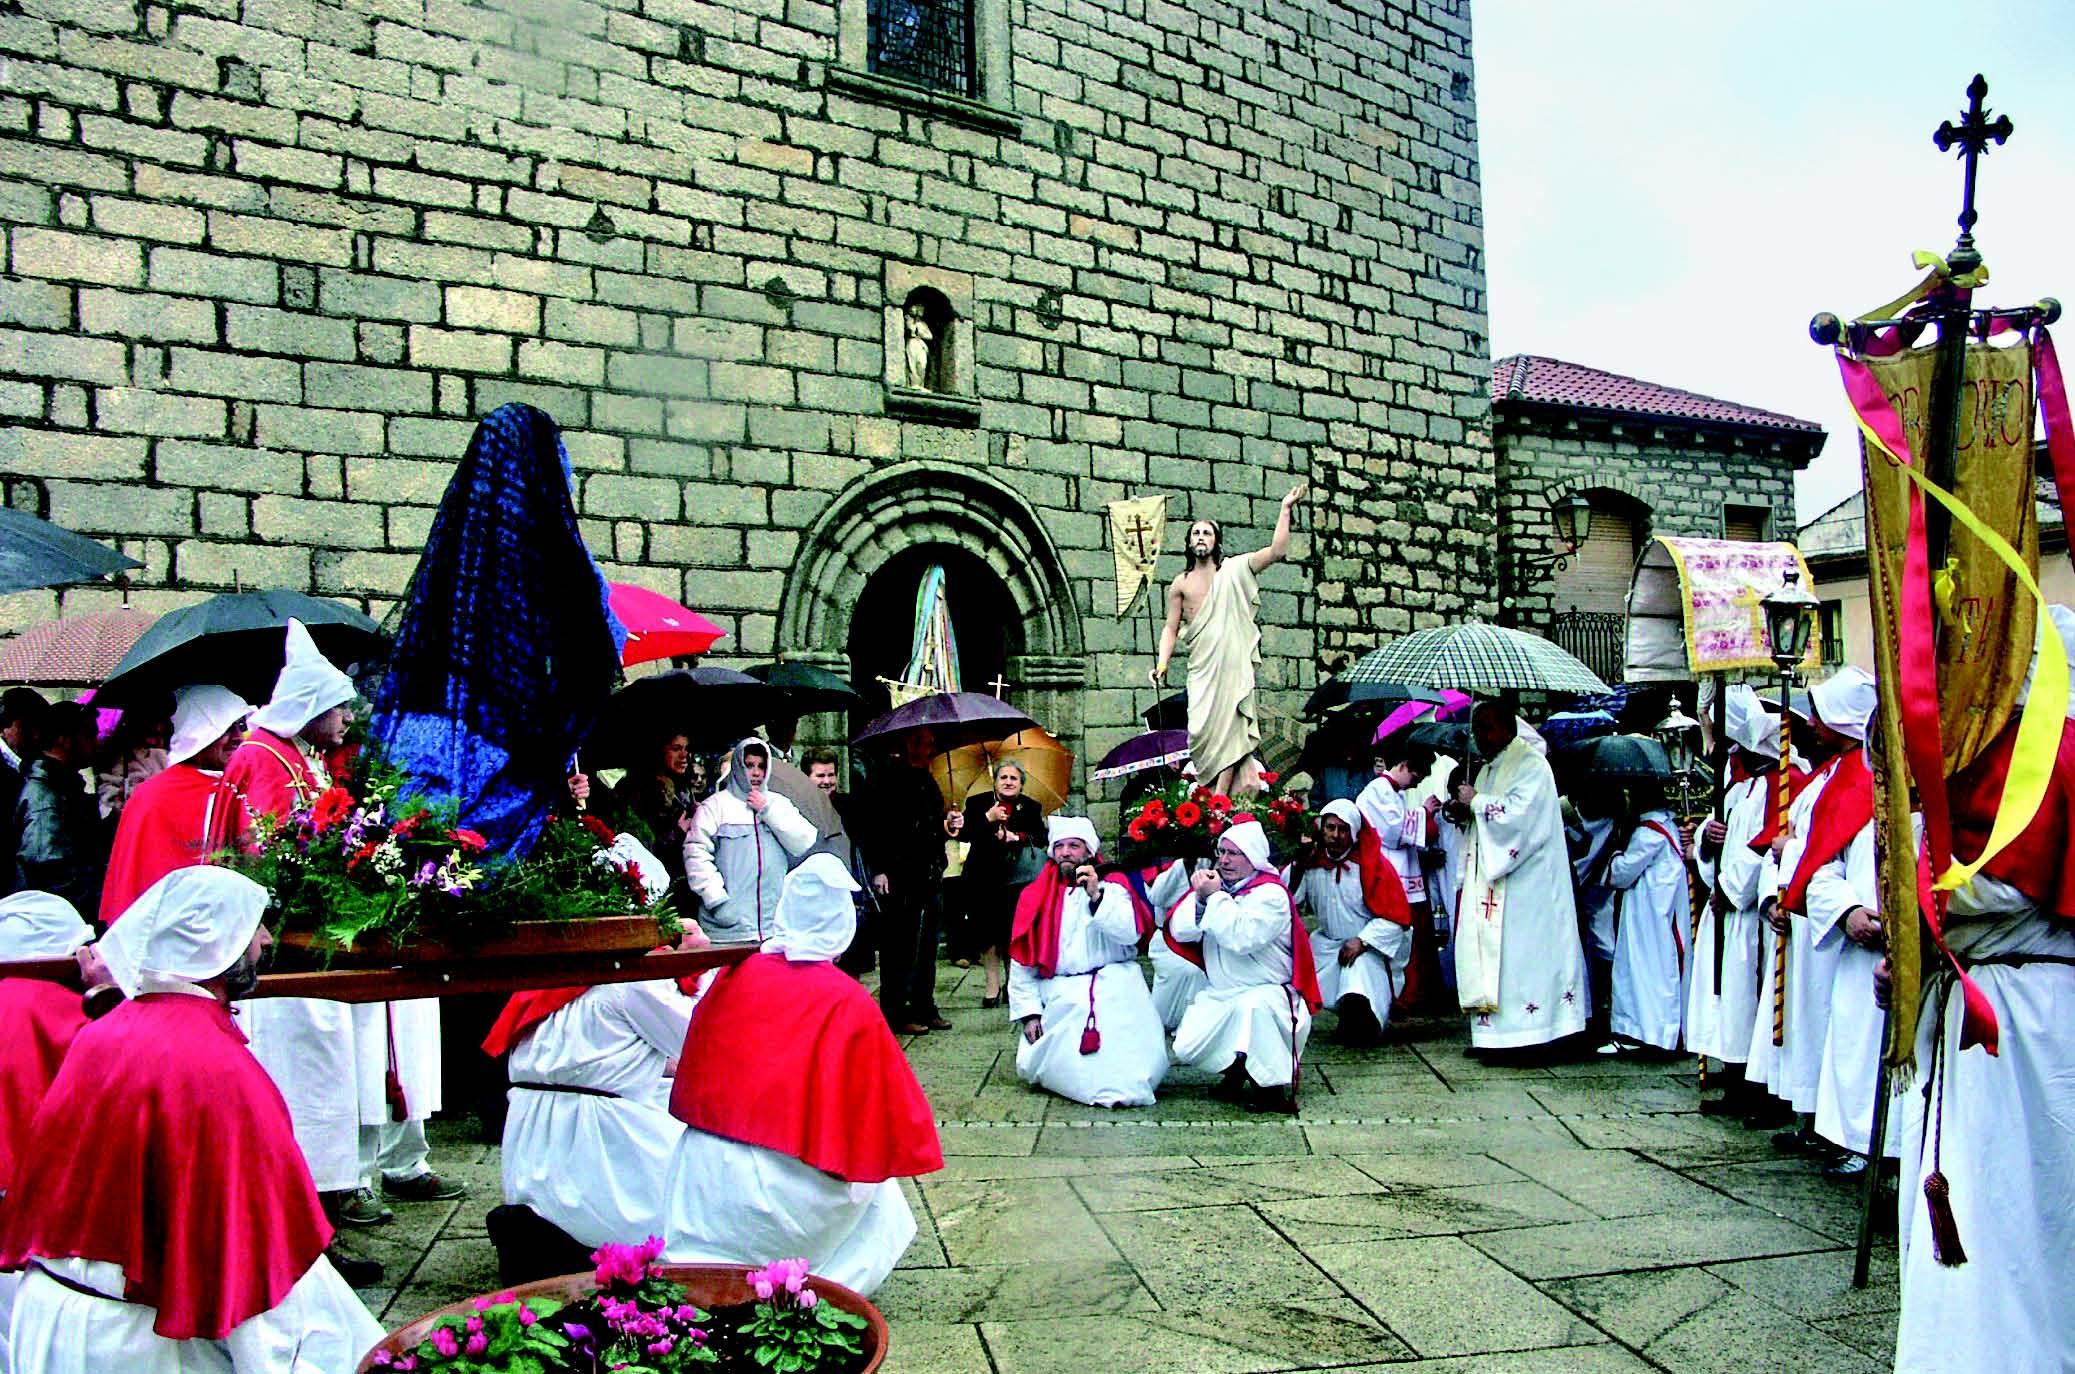 La processione de S'incontru esce dalla parrocchiale del Rosario Luras Fotografie di Salvatore Pirisinu